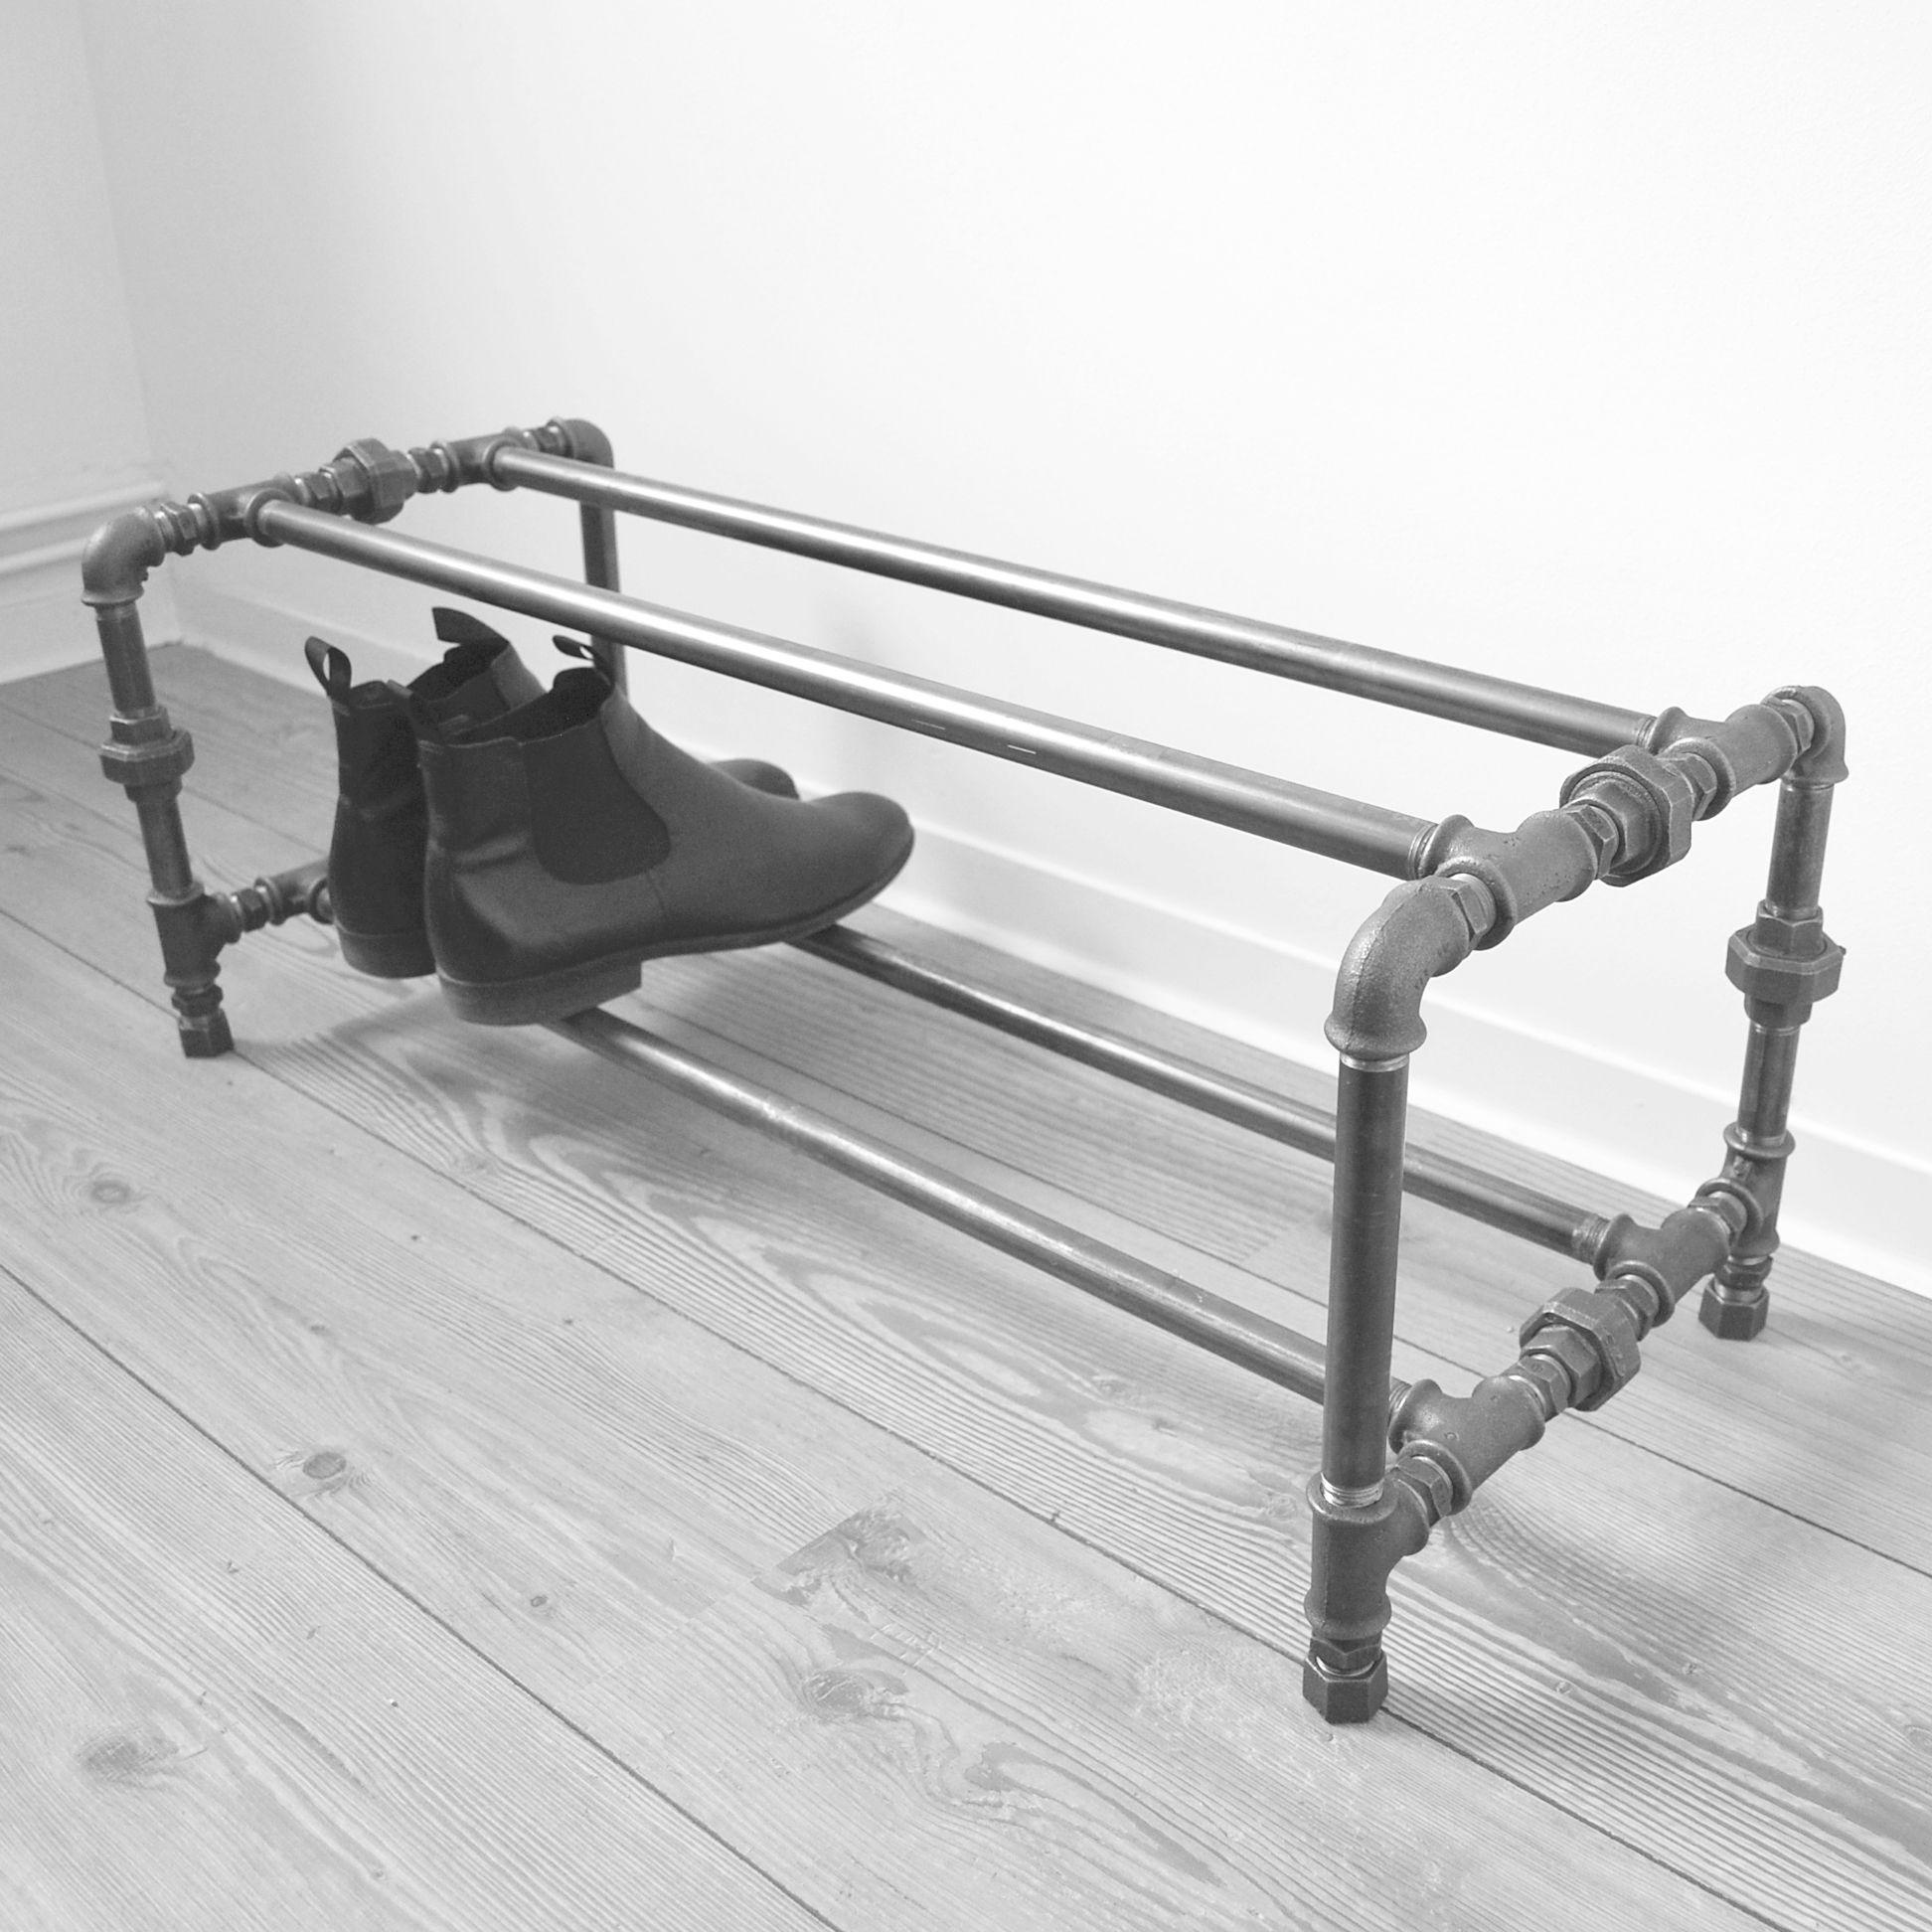 stivolles industriedesign schuhregal aus stahlrohr garderobe und abstell schuhregal m bel. Black Bedroom Furniture Sets. Home Design Ideas